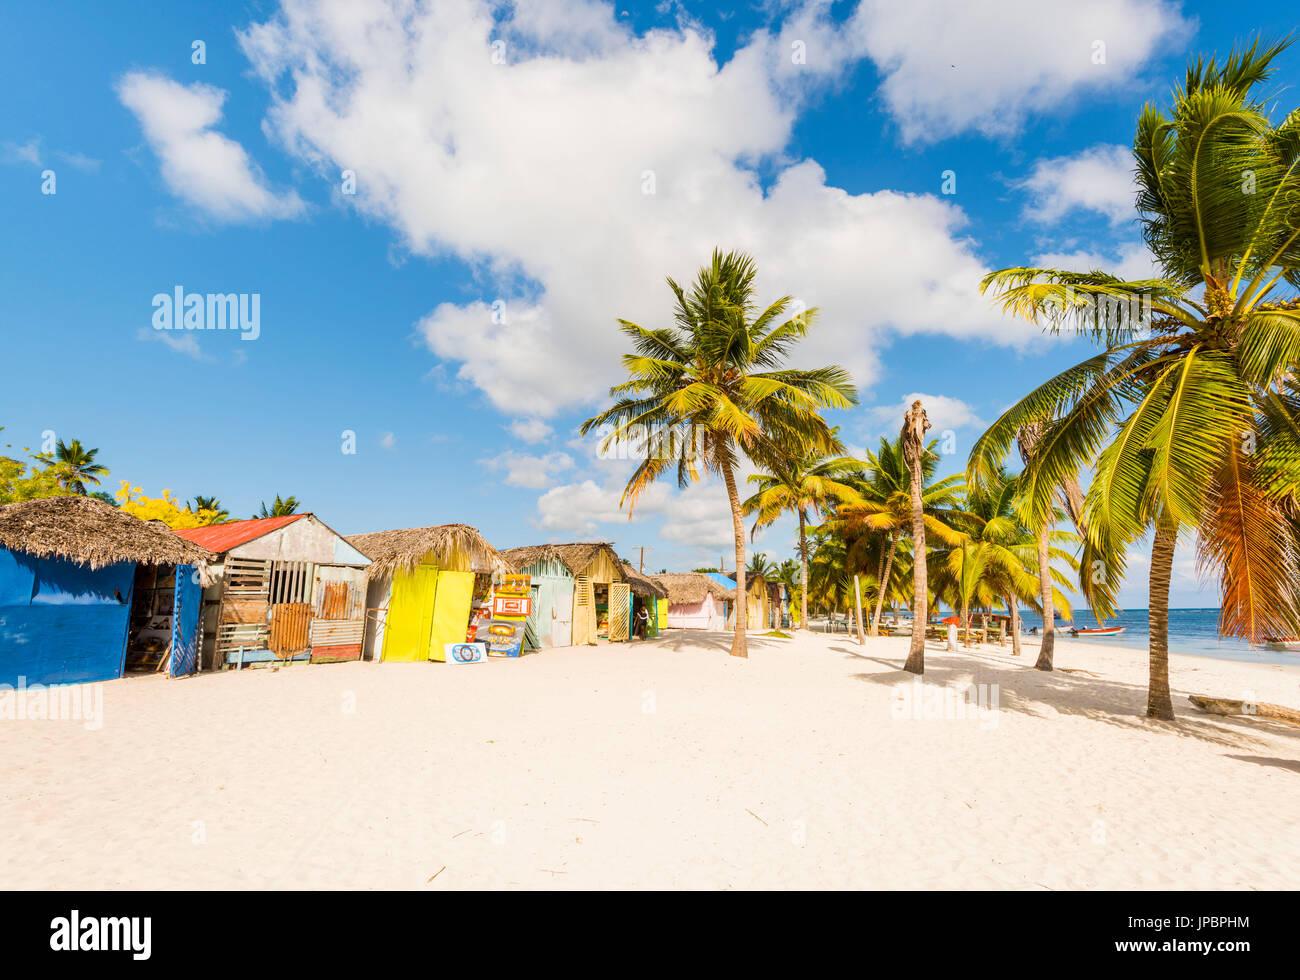 Mano Juan, Saona Island, Parco Nazionale Orientale (Parque Nacional del Este), Repubblica Dominicana, Mar dei Caraibi. Immagini Stock